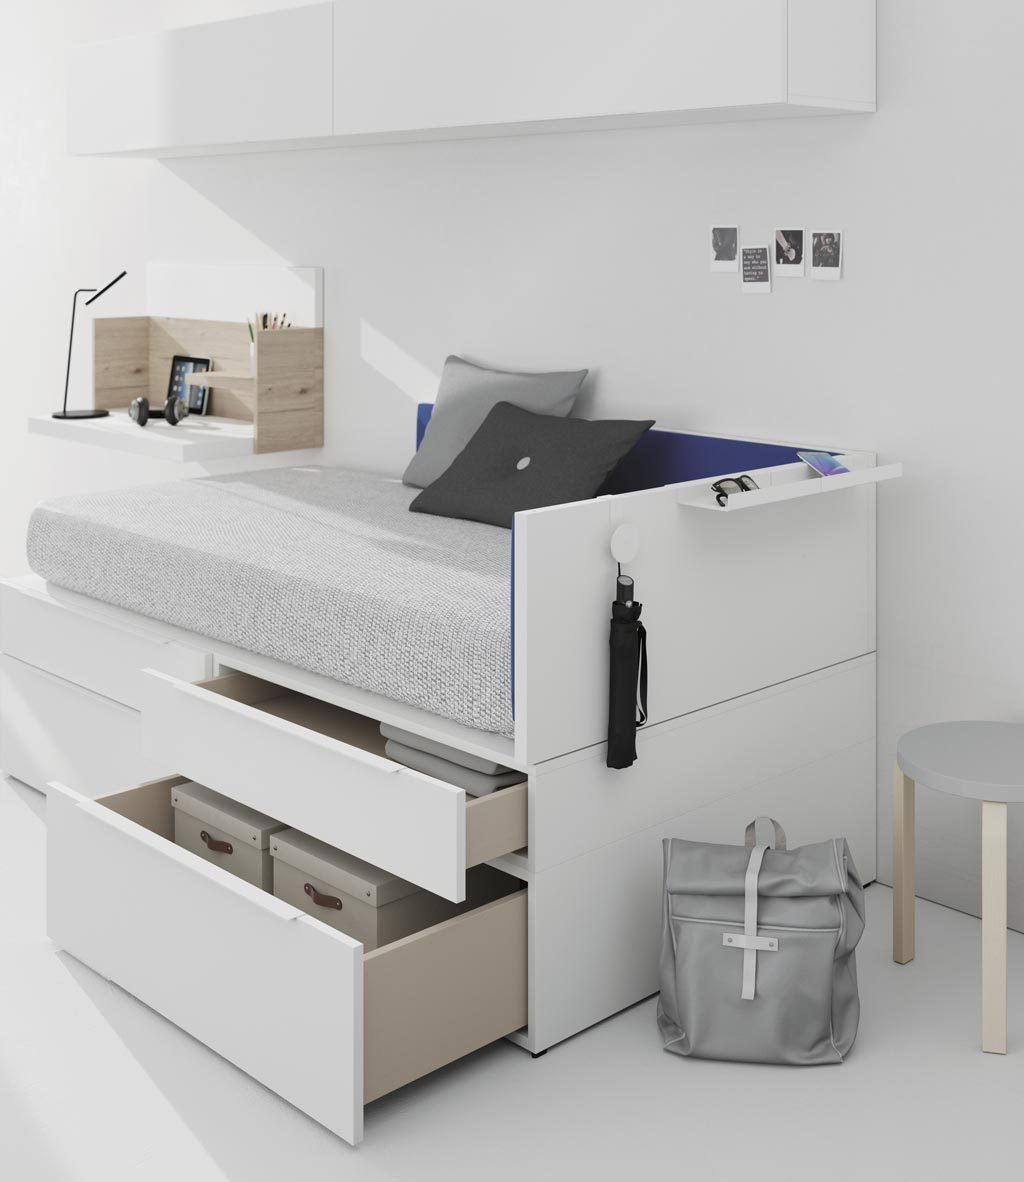 Detalle de los cajones de gran capacidad de la cama nido de la colección NEST